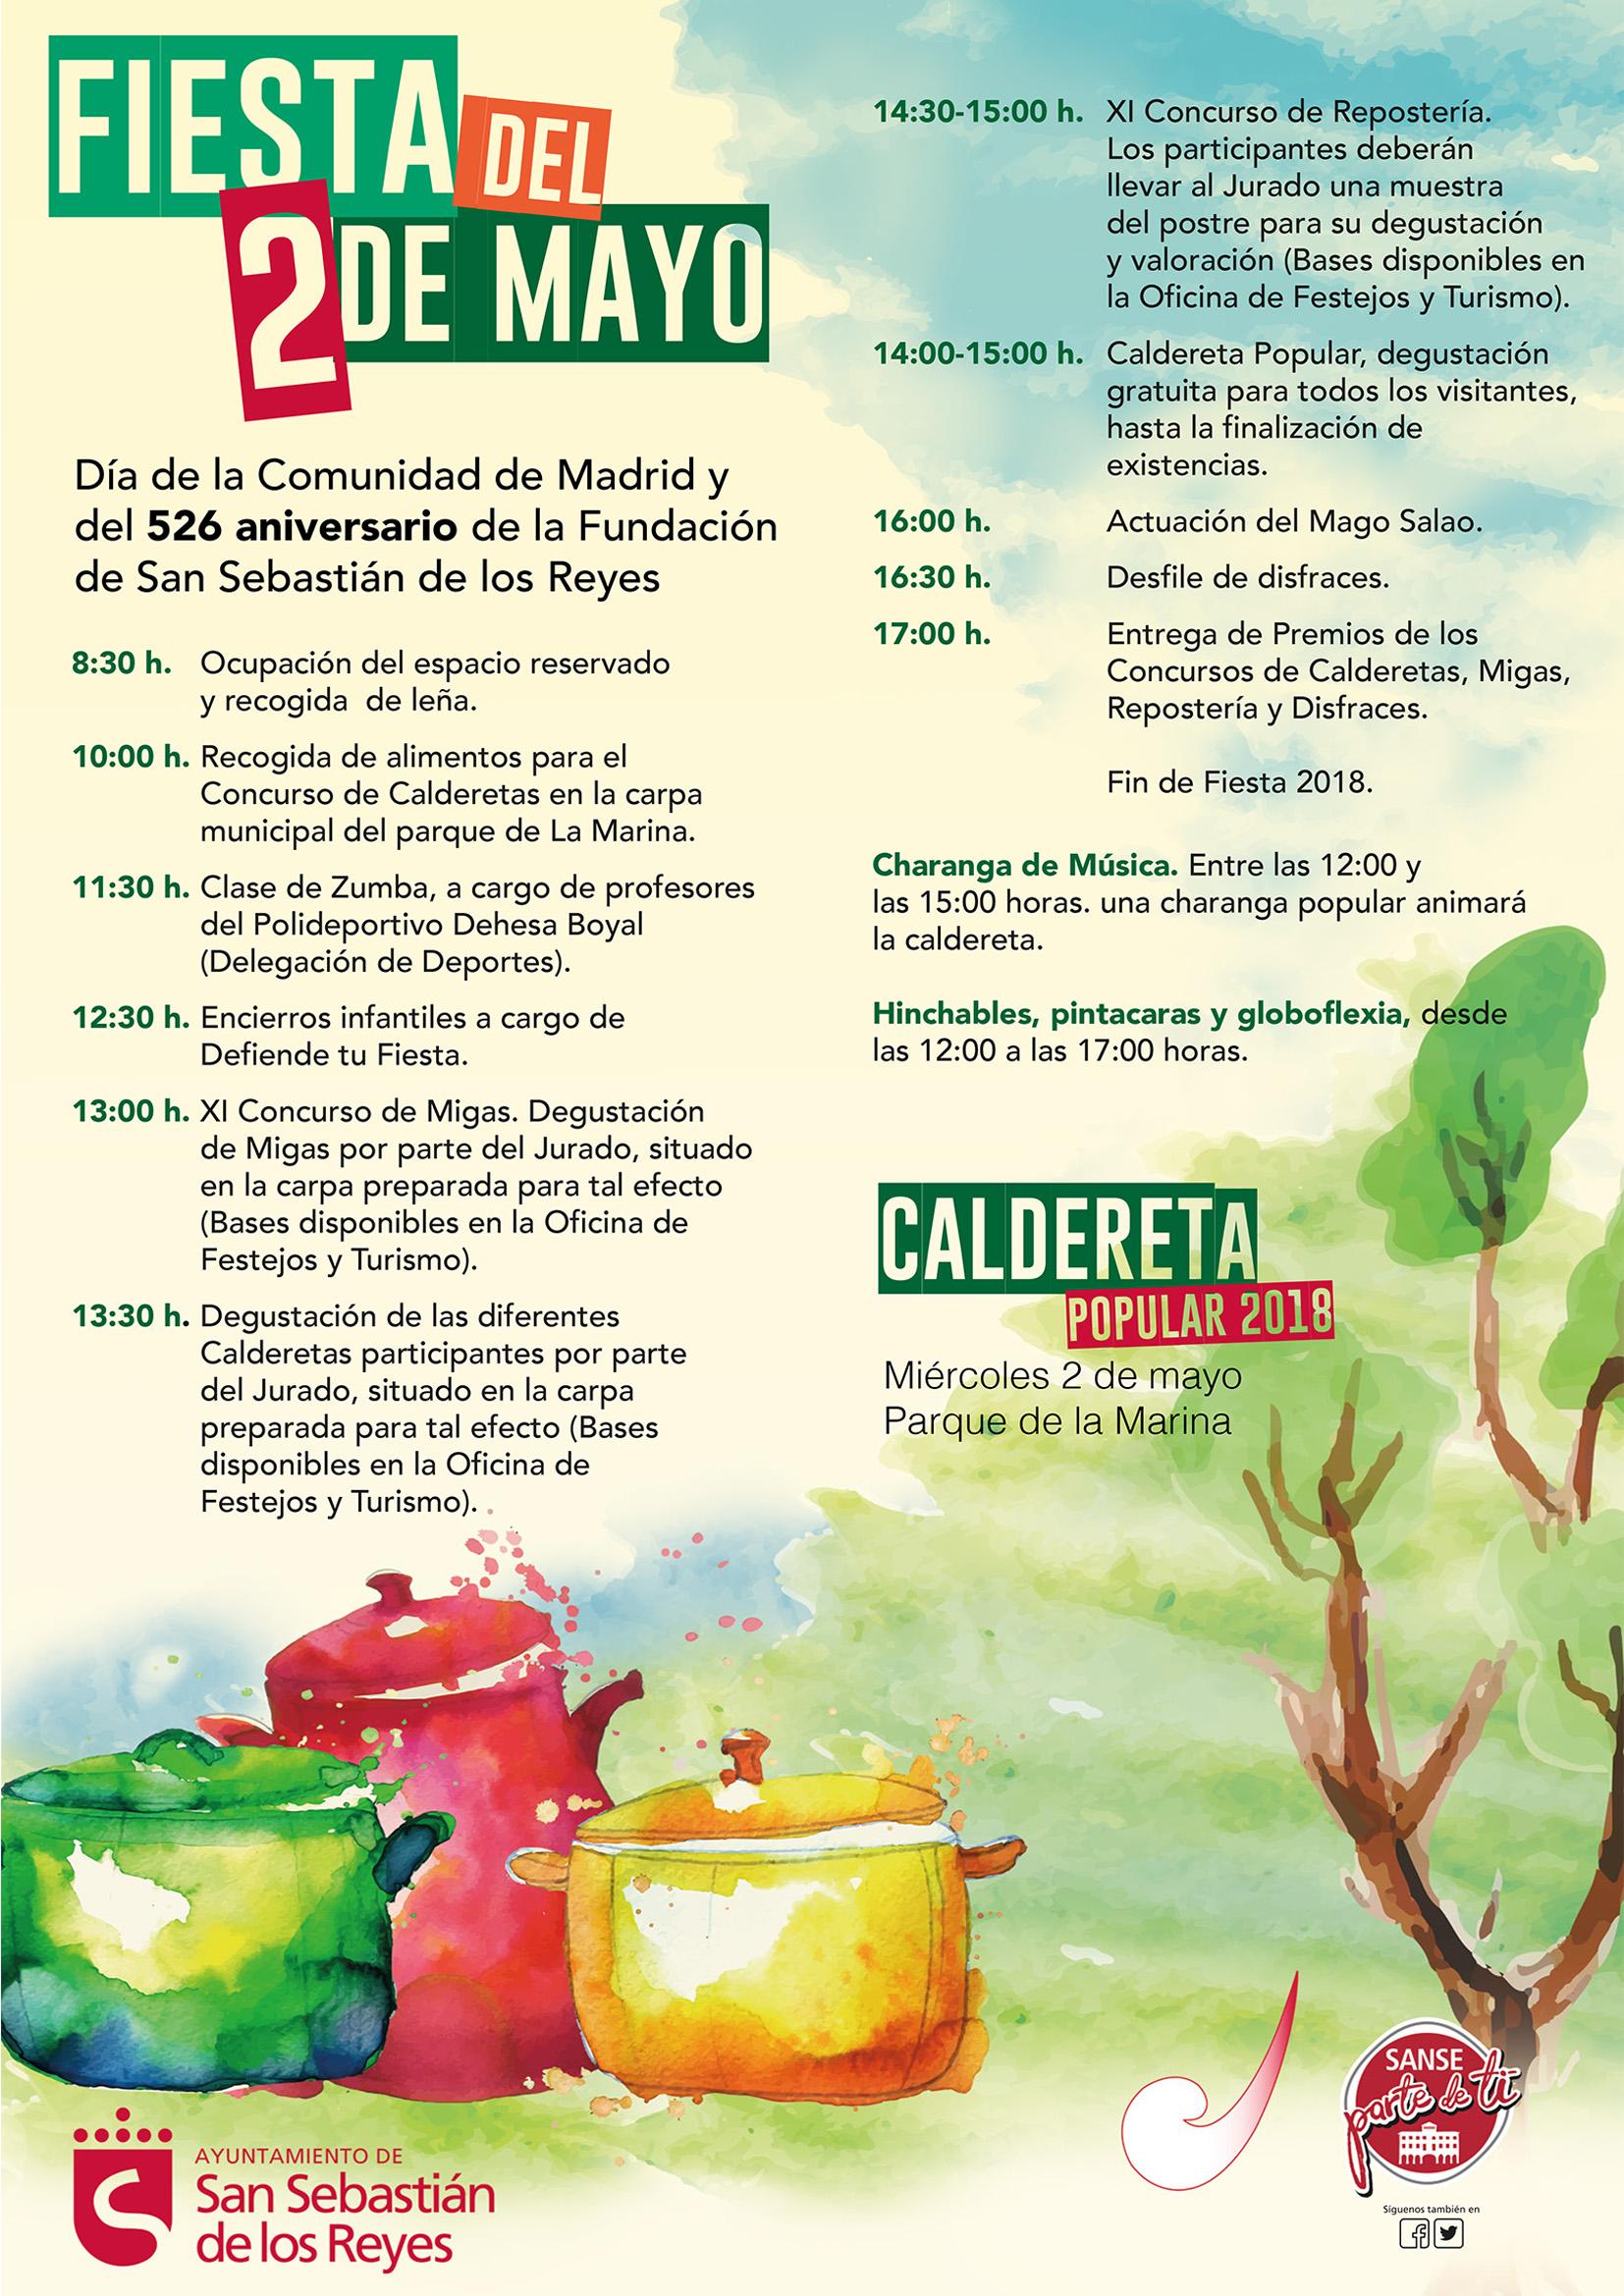 Cartel Fiestas 2 de Mayo_2018